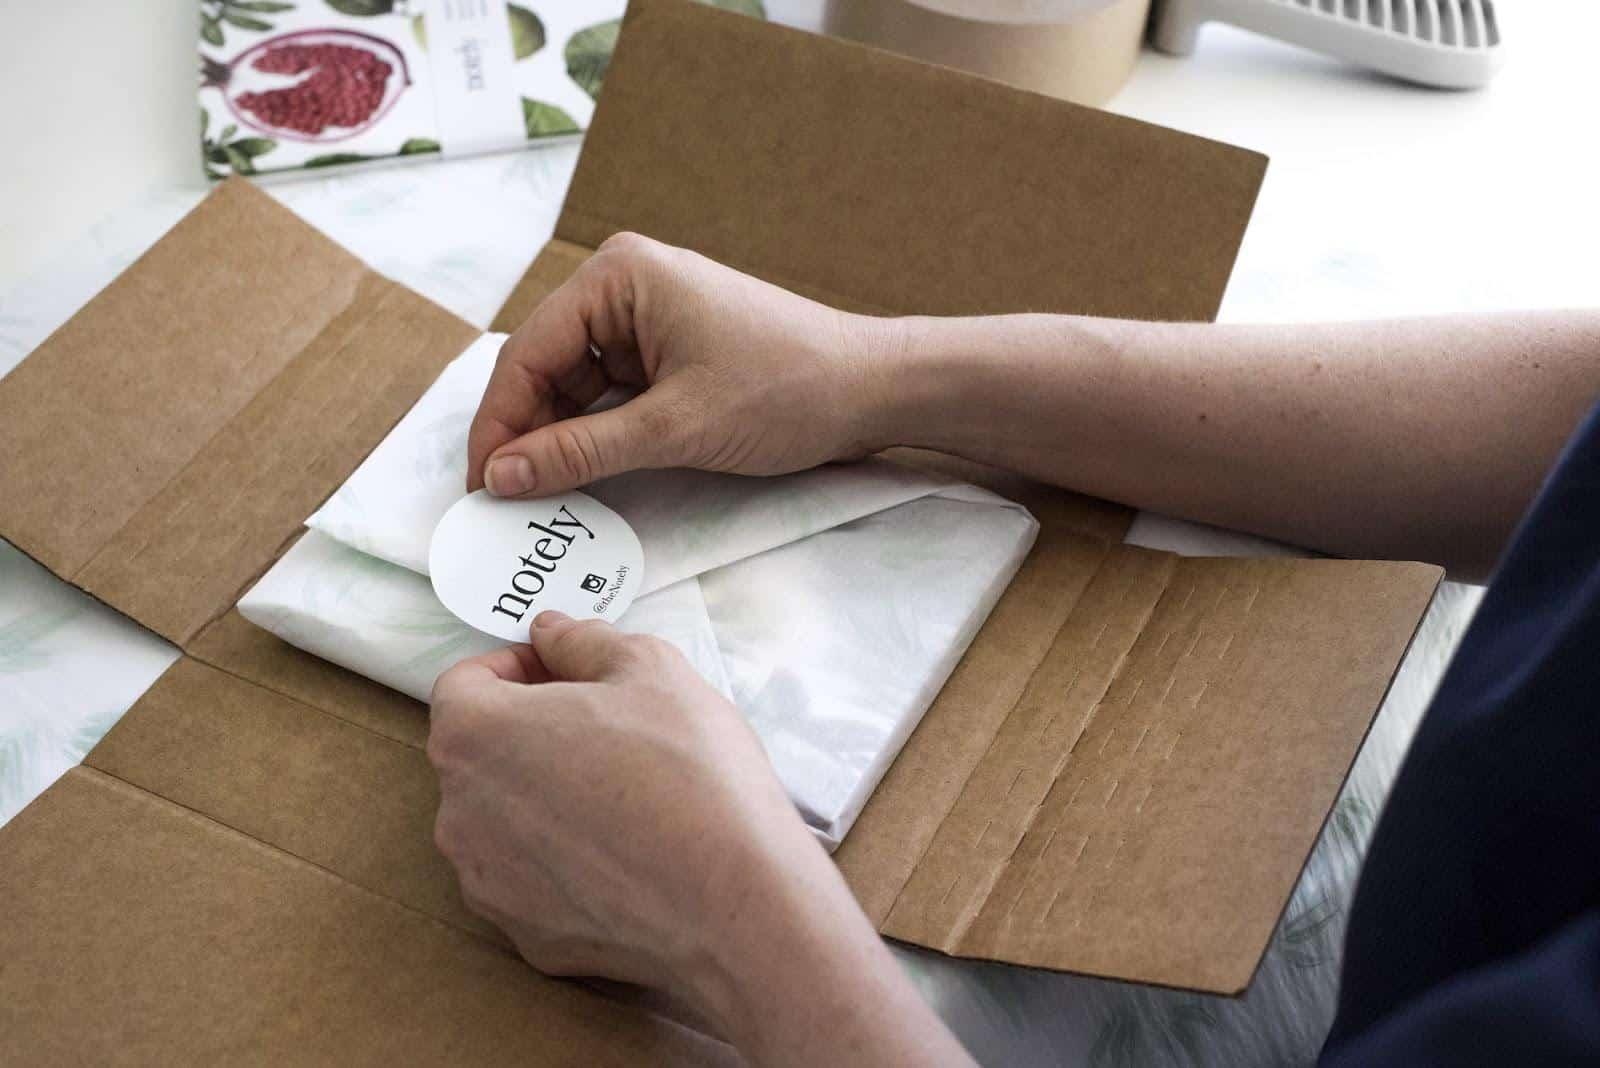 printingnews-A023-07 paperbox好文分享-定製貼紙的七大設計技巧